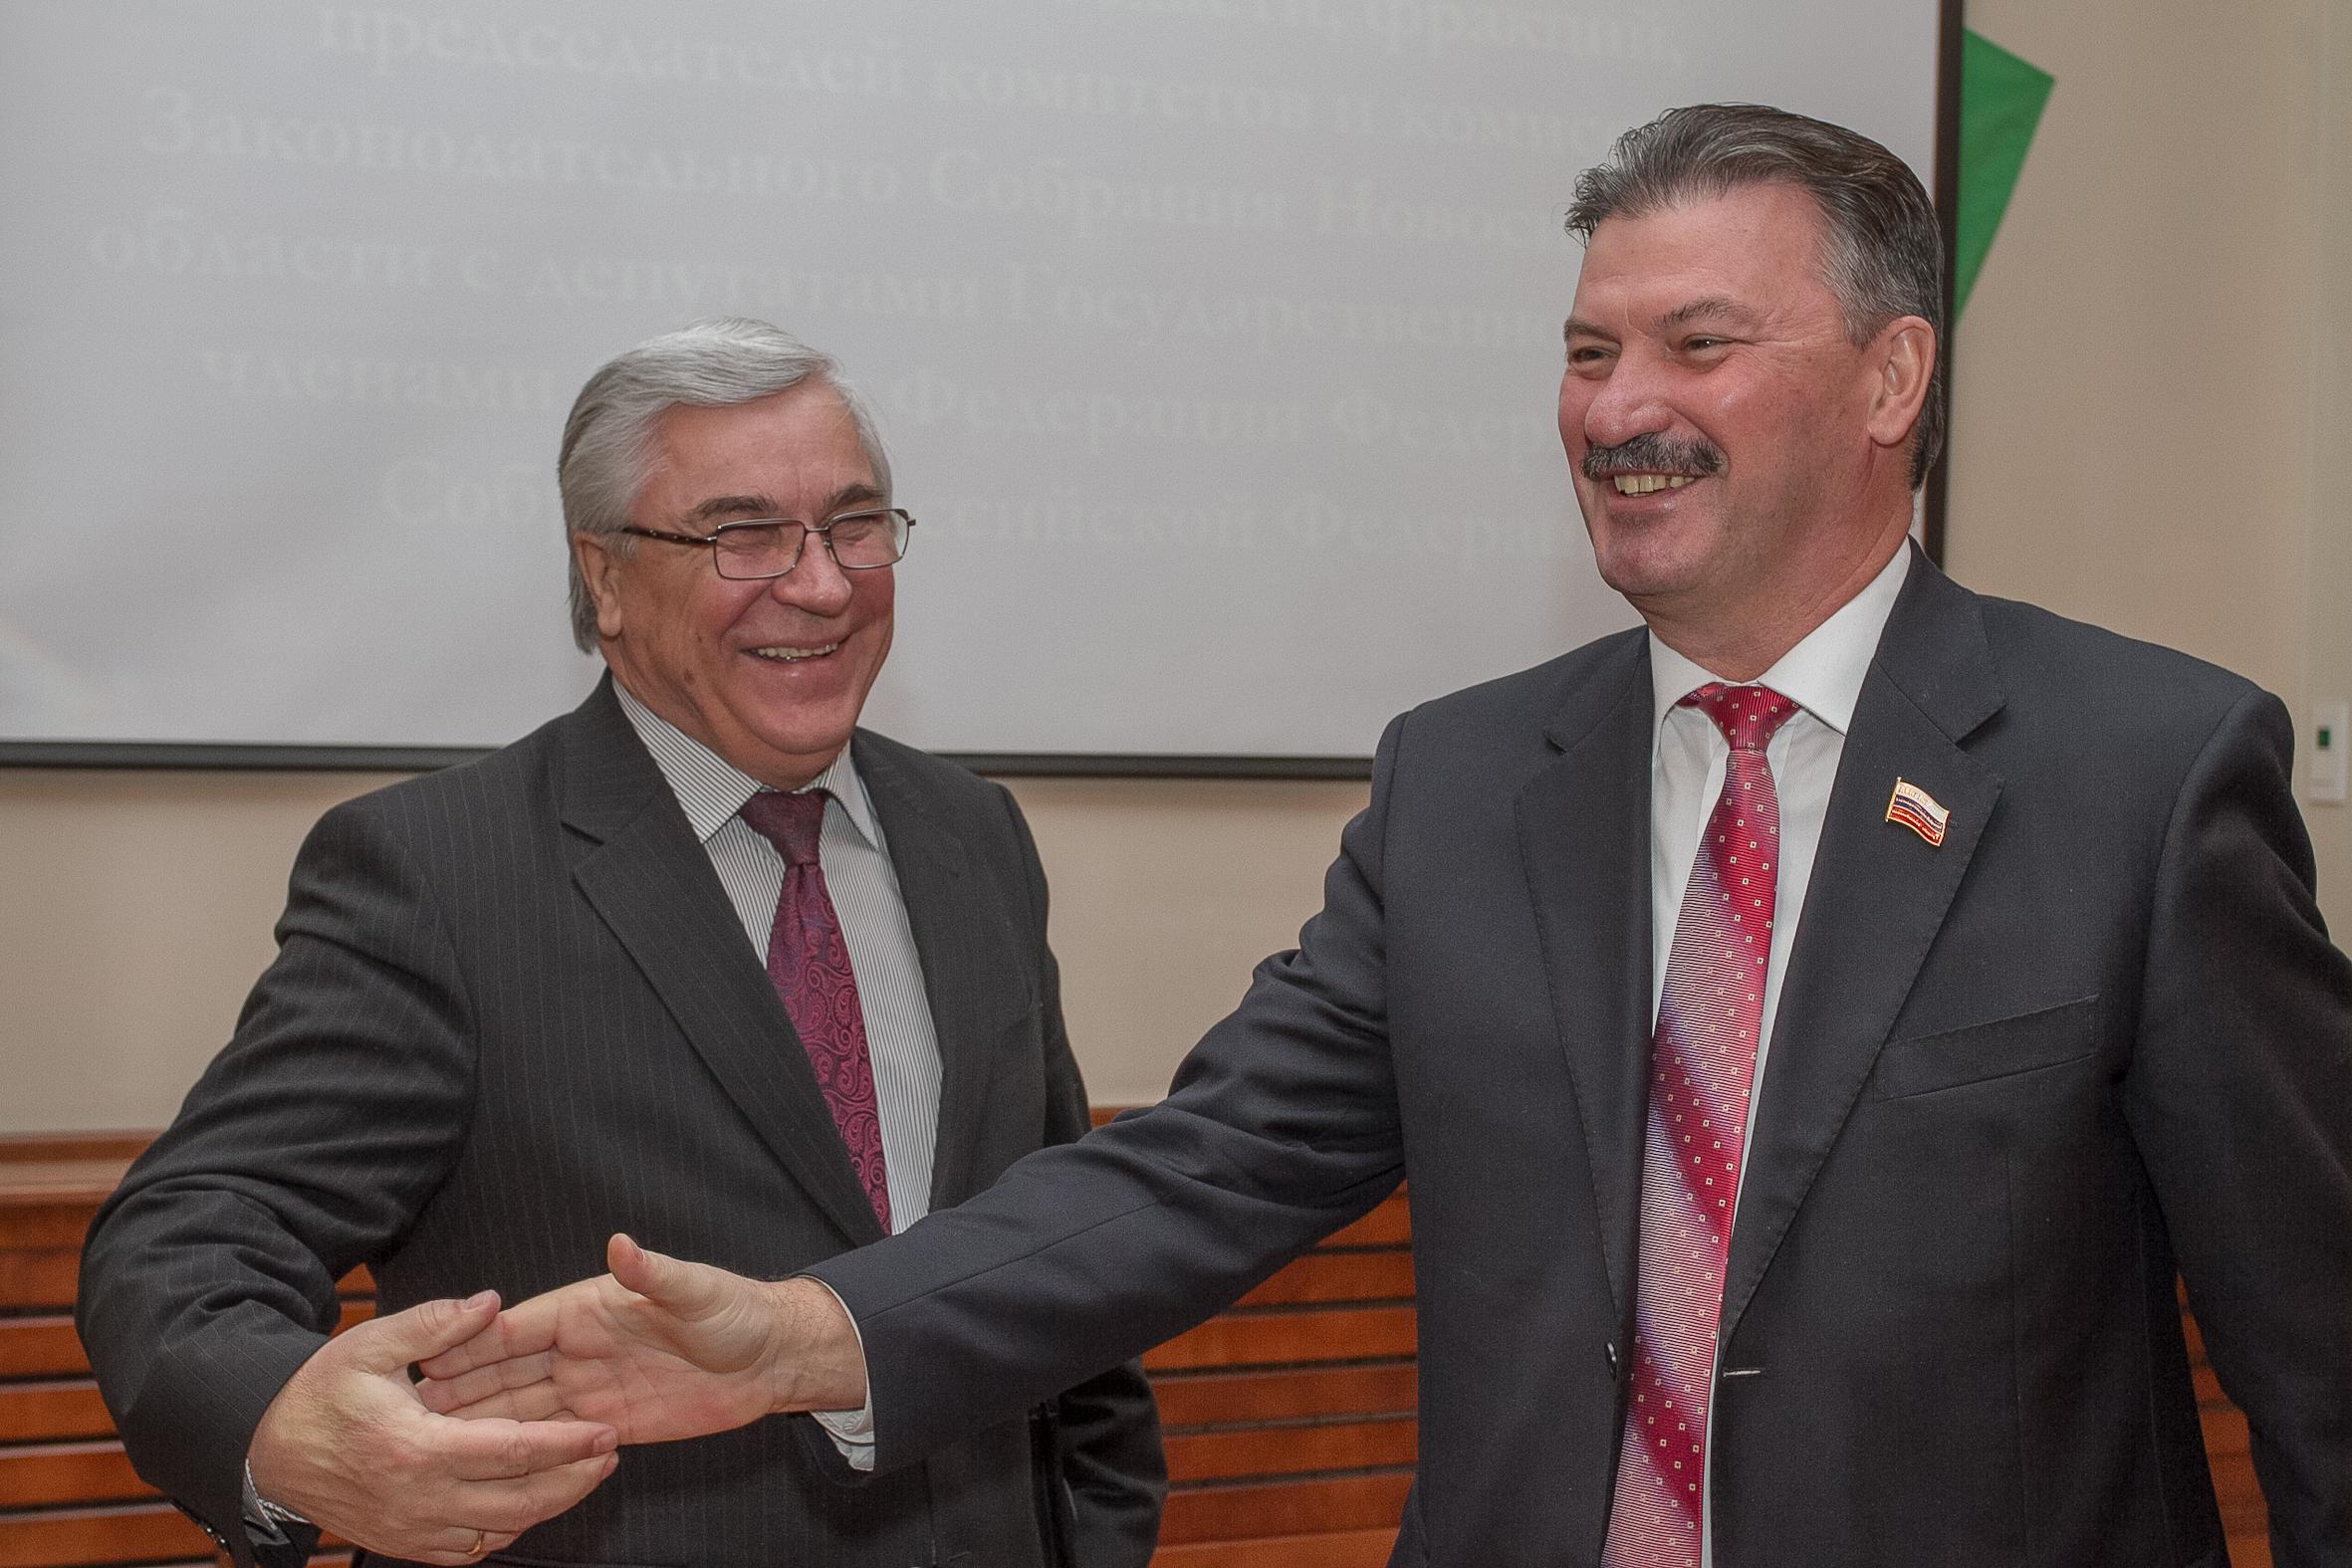 экс-член Совета Федерации от Новосибирской области Виктор Косоуров и депутат заксобрания Сергей Титков